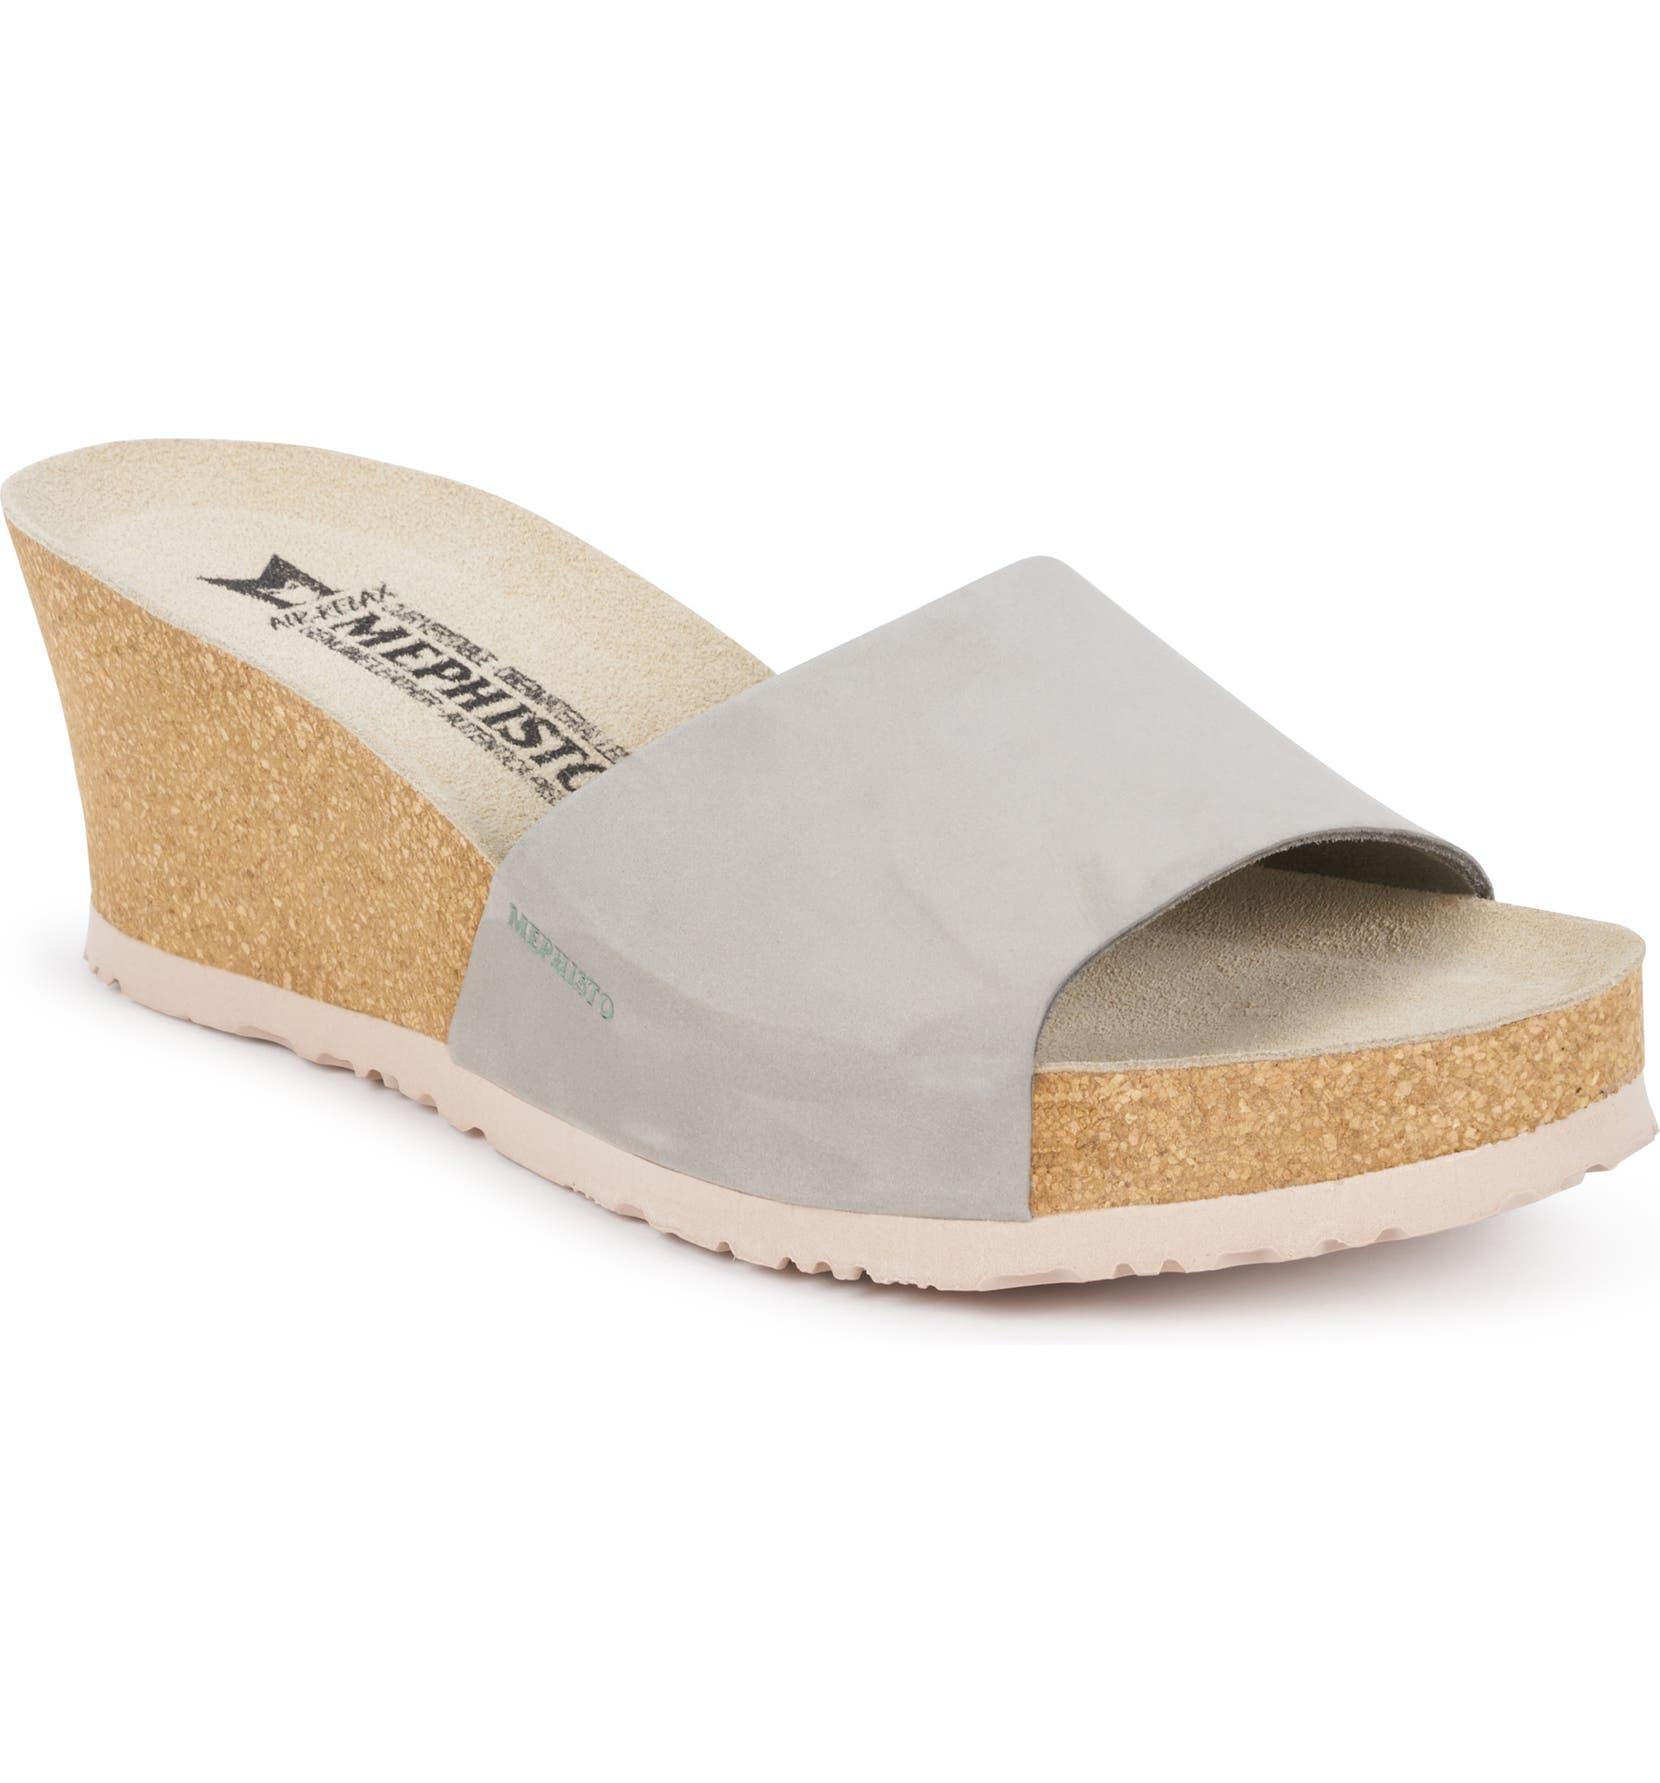 e15ea8be41b Mephisto Lise Platform Wedge Sandal (Women)